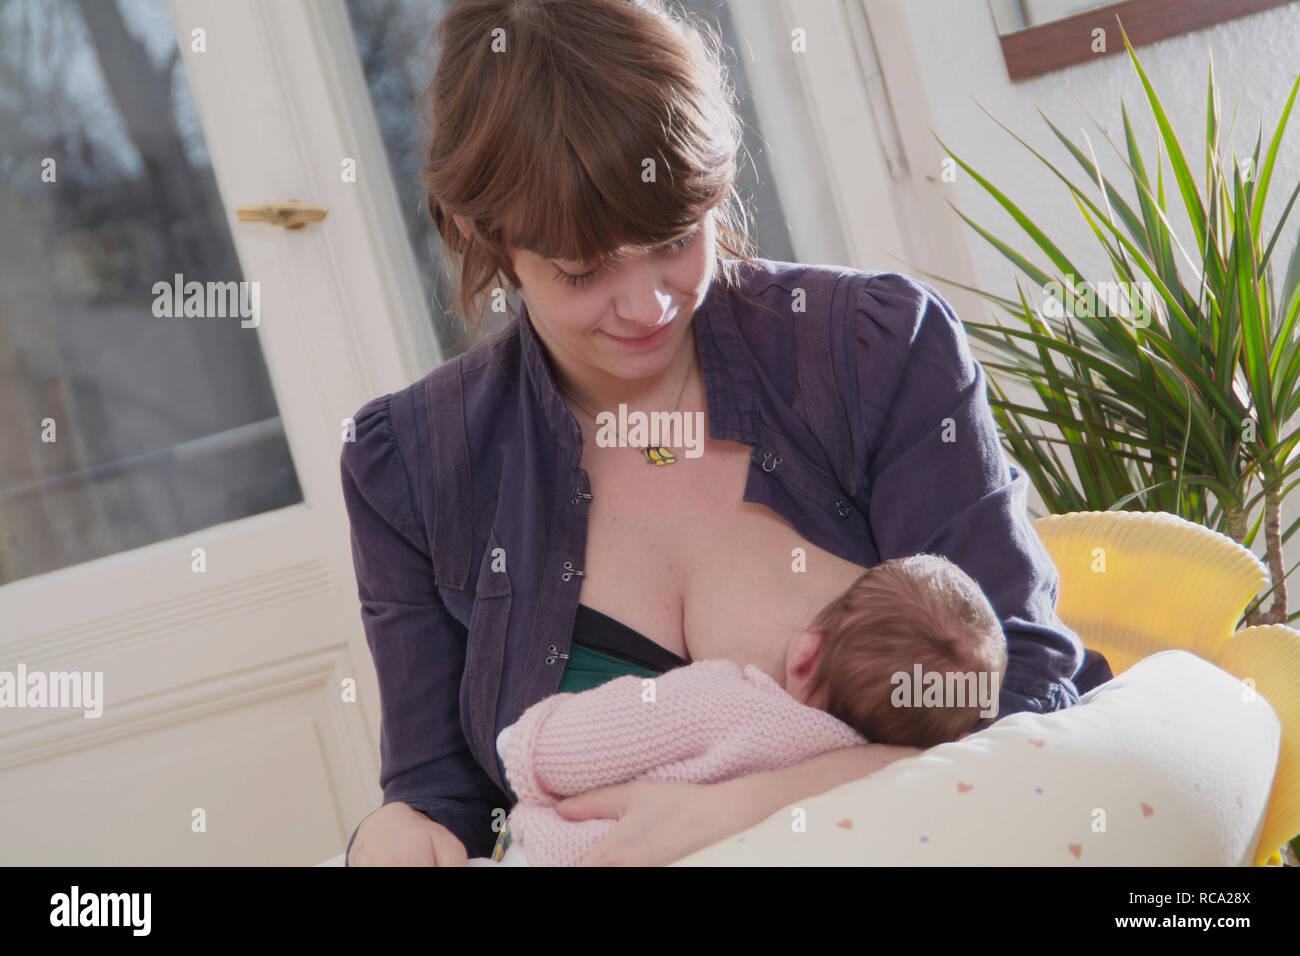 Junge Mutter stillt ihre neugeborene Tochter, das Kind ist 12 Tage alt   young mother nursing her new born baby - the baby ist 12 days old. child, chi Stock Photo